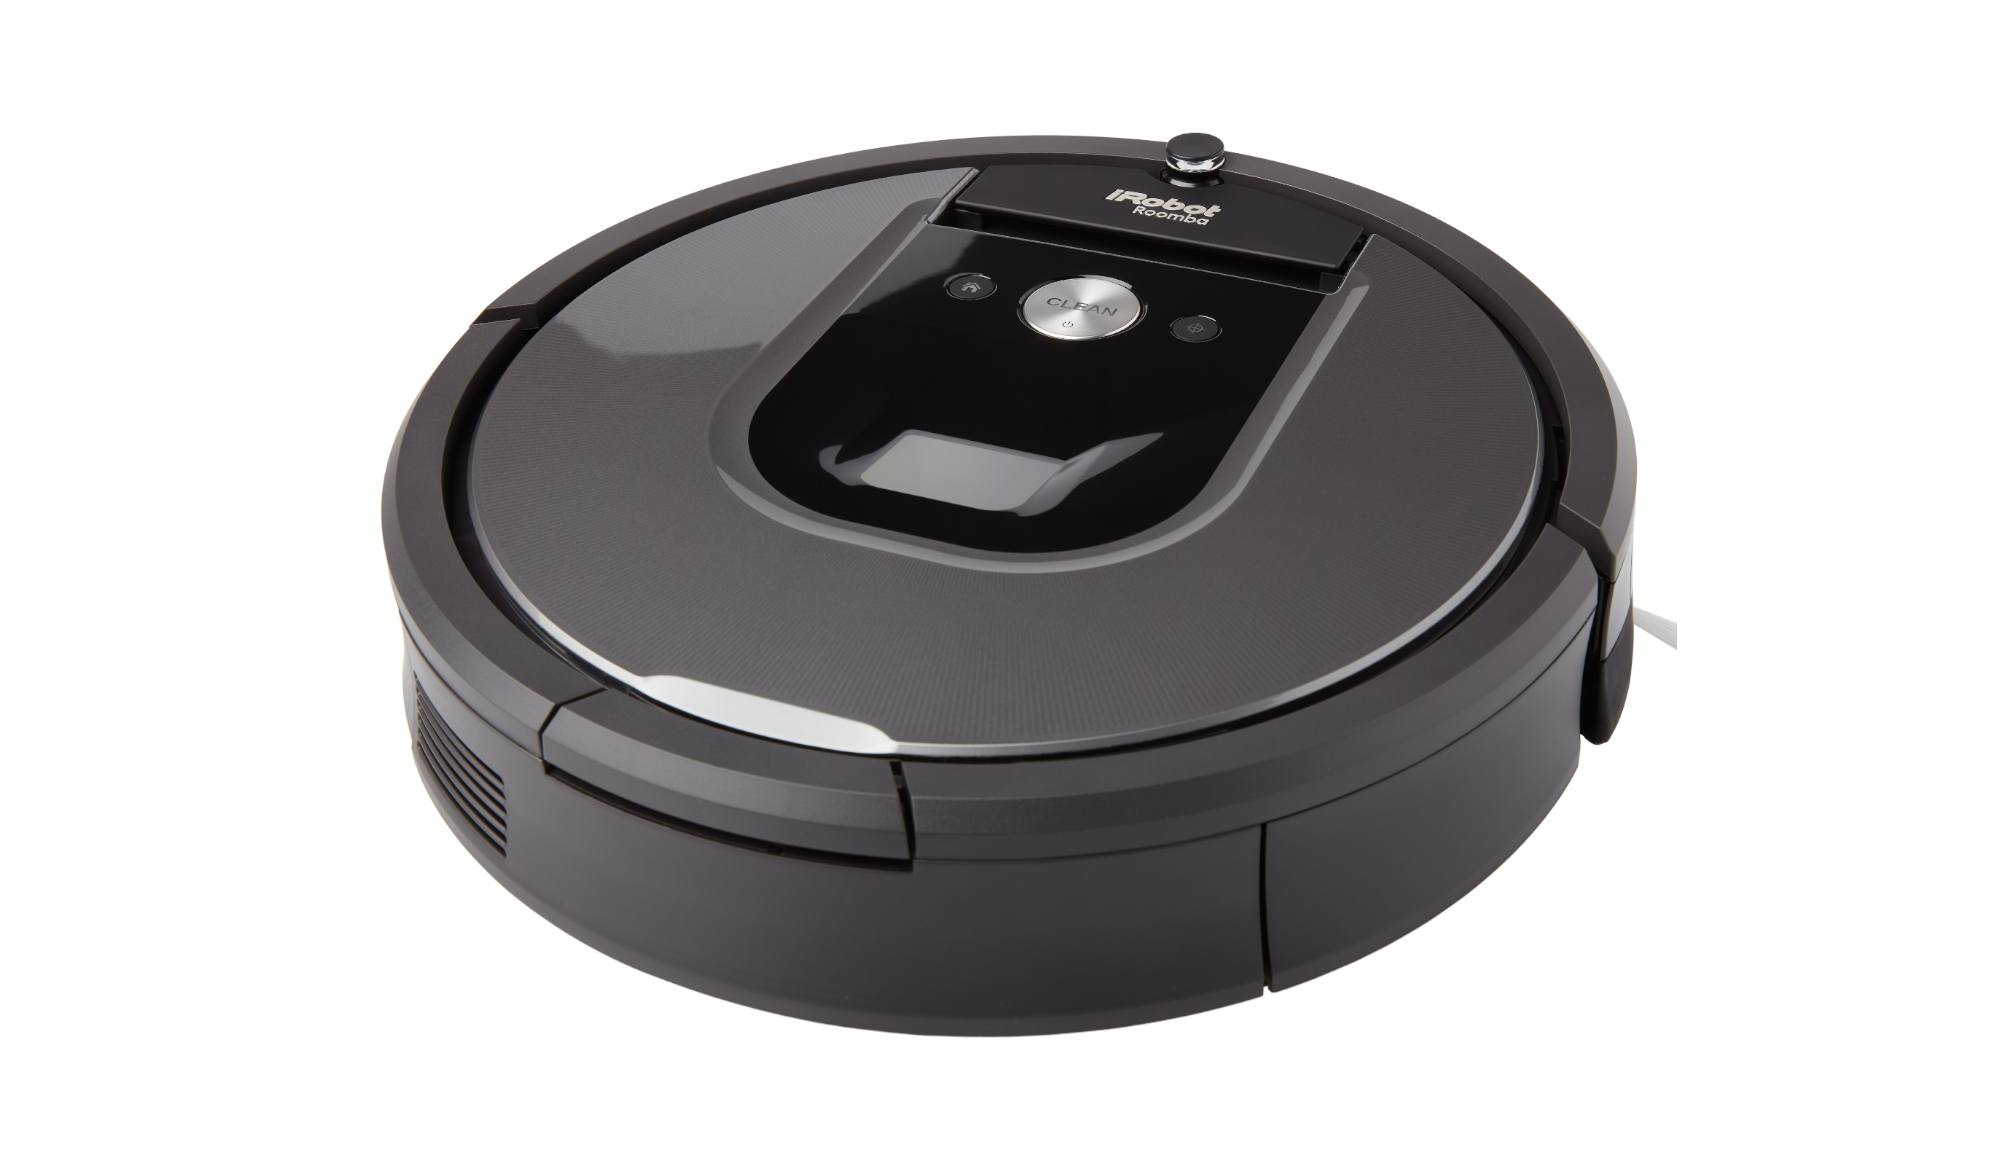 TEST: iRobot Roomba 880